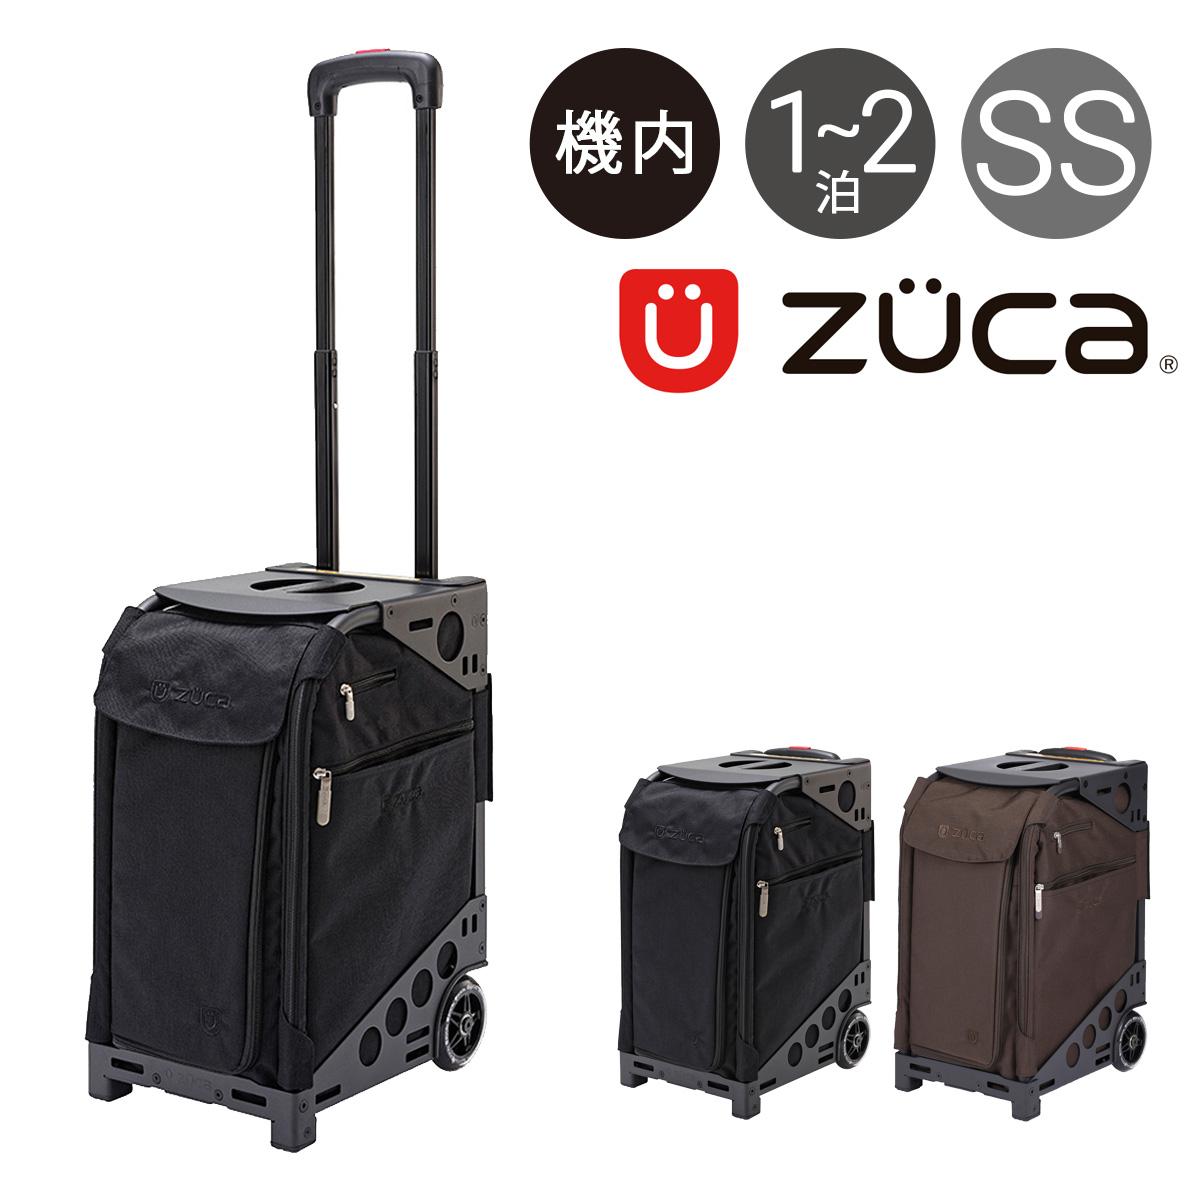 ズーカ キャリーケース プロ ラックス トラベル PRO LUX Travel 2200 ZUCA ポーチ&トラベルカバー付き 機内持ち込み可能【PO10】【bef】【即日発送】